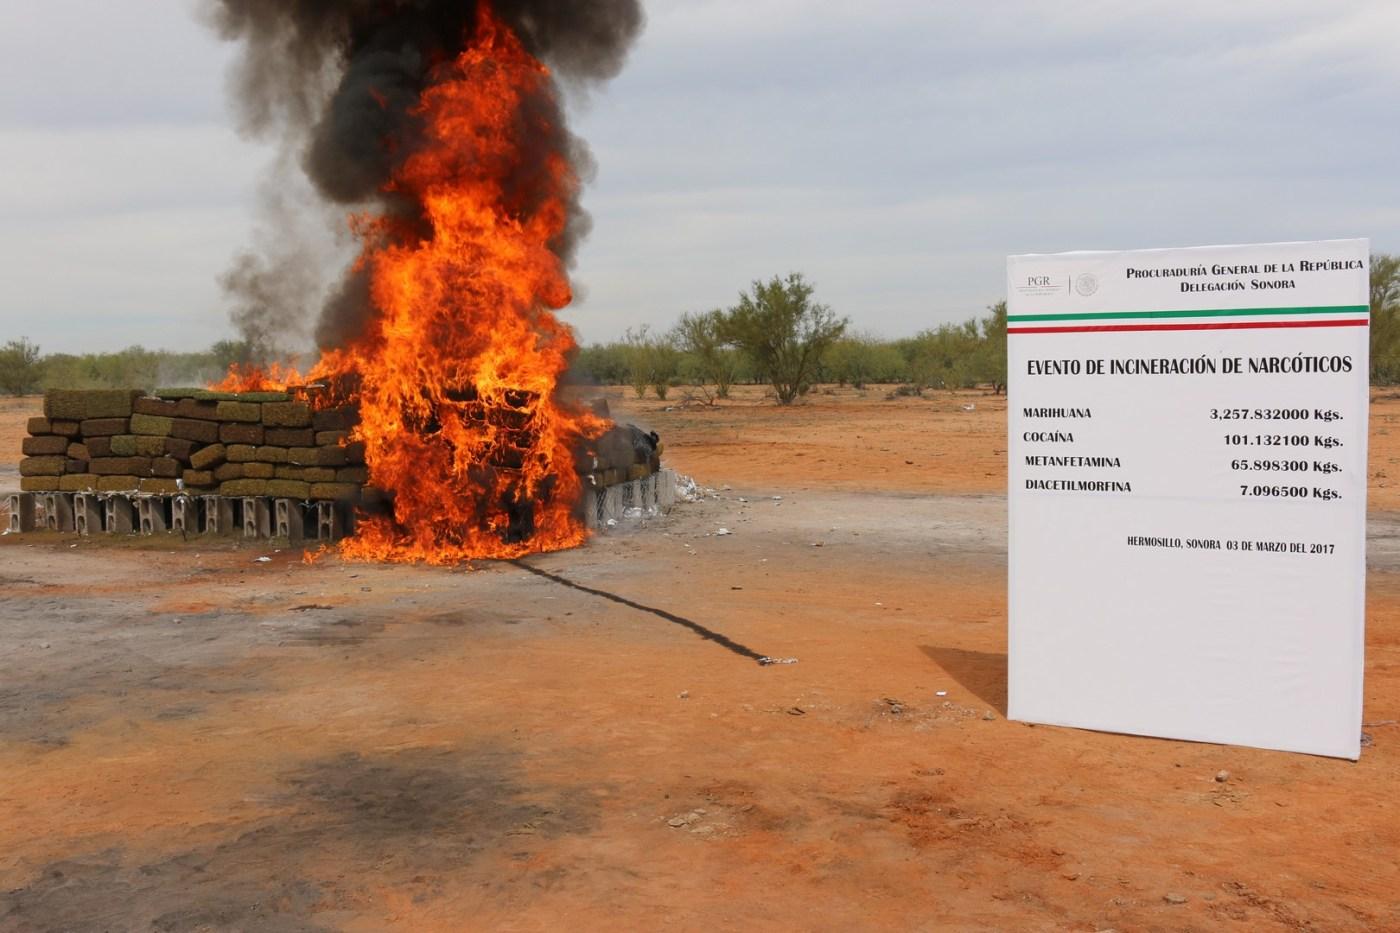 Incineran más de tres toneladas de narcóticos en Sonora. (PGR)